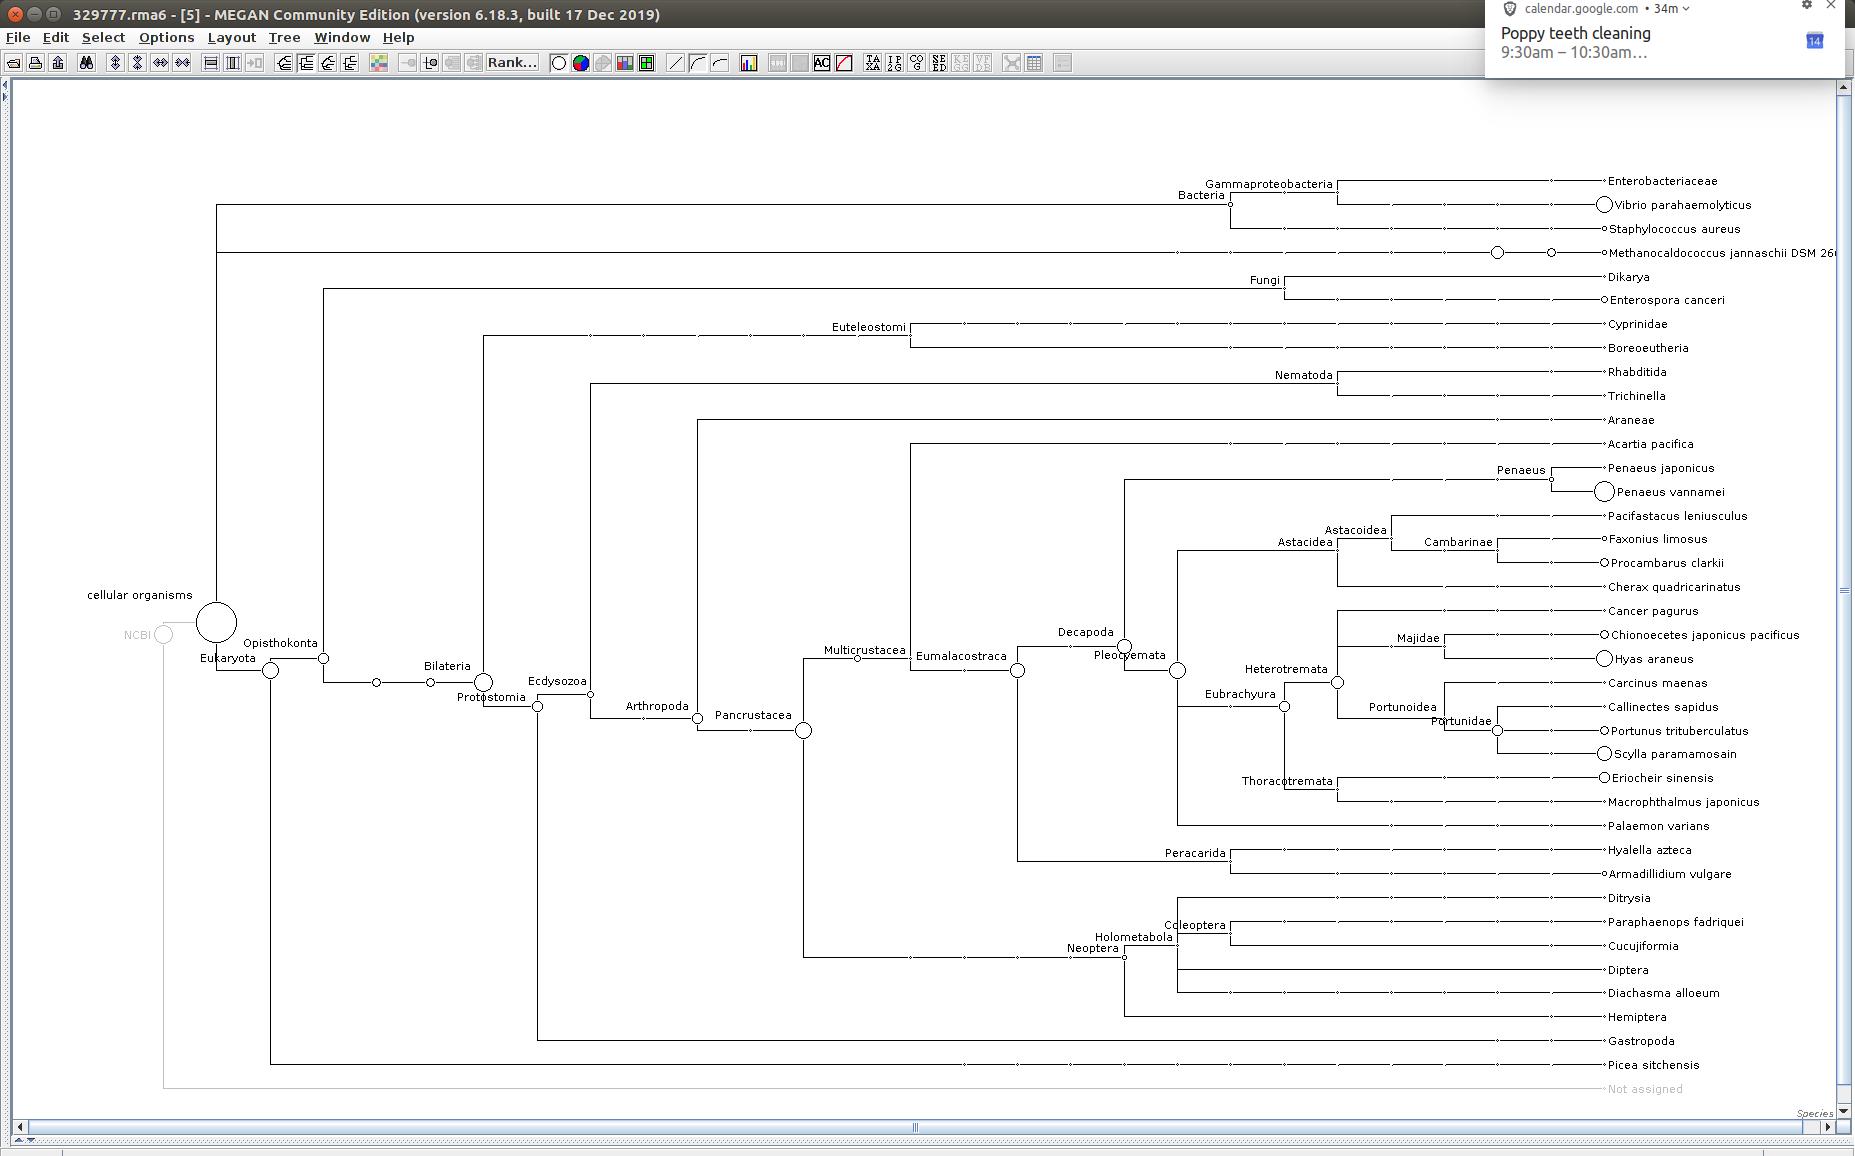 329777 MEGAN6 taxonomic tree